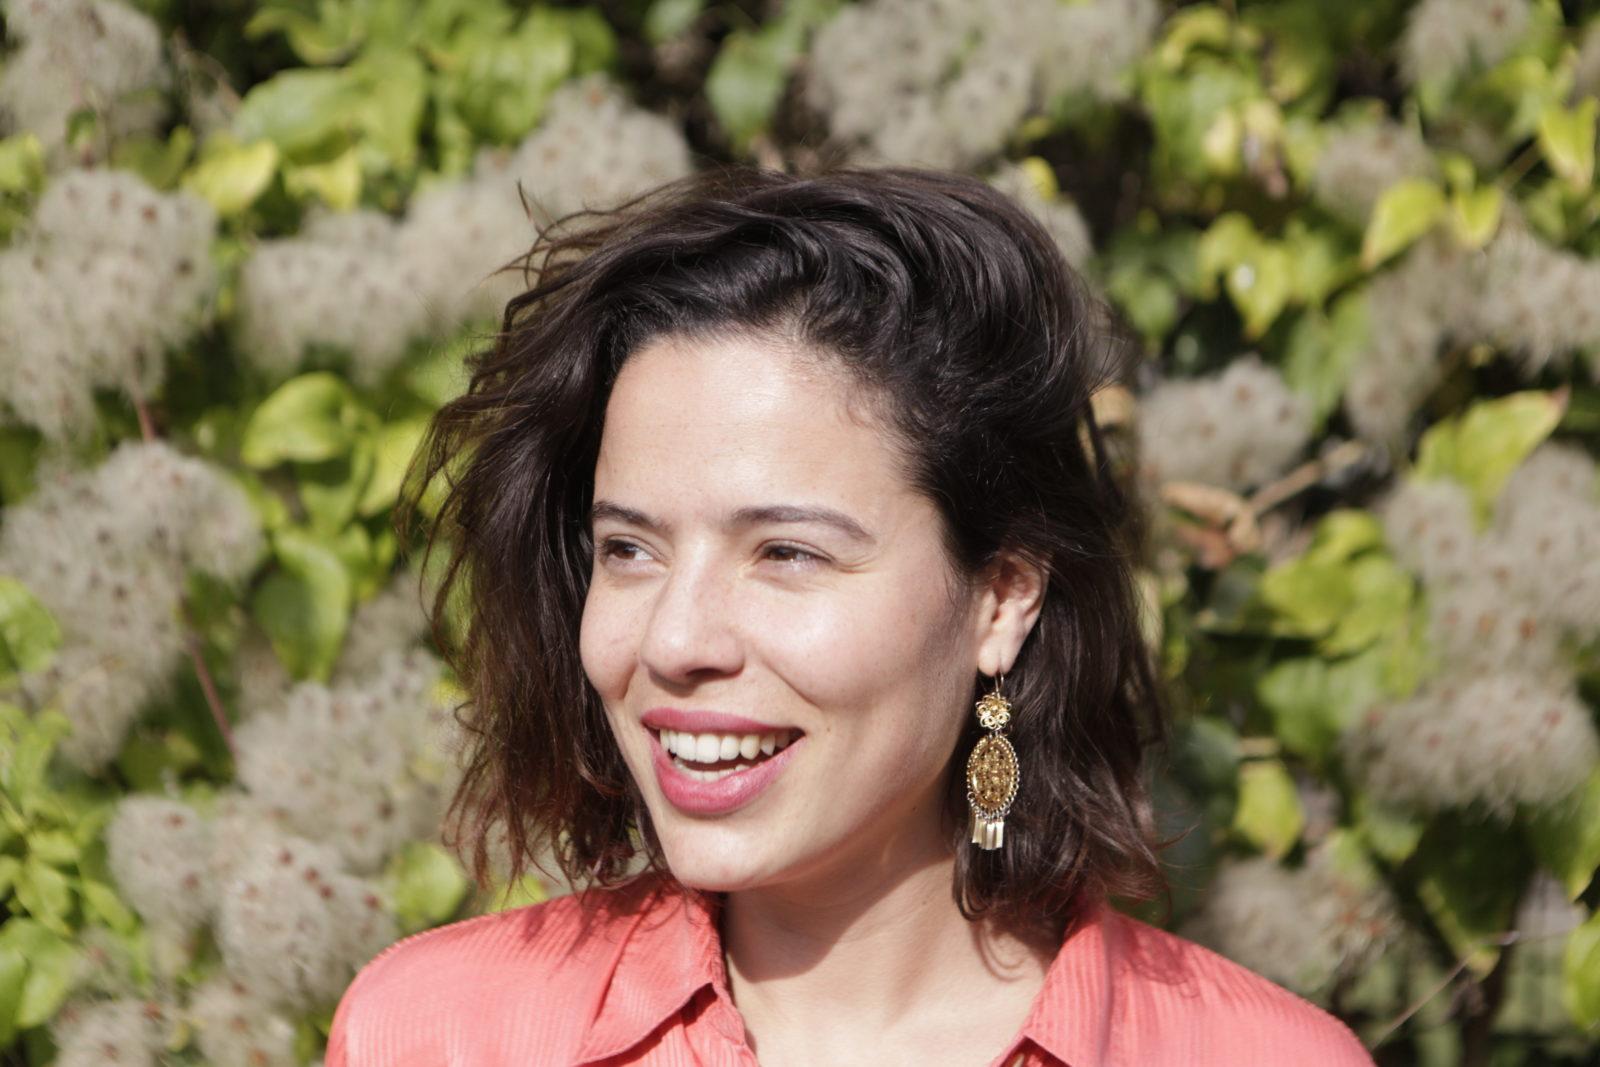 Taina Moreno